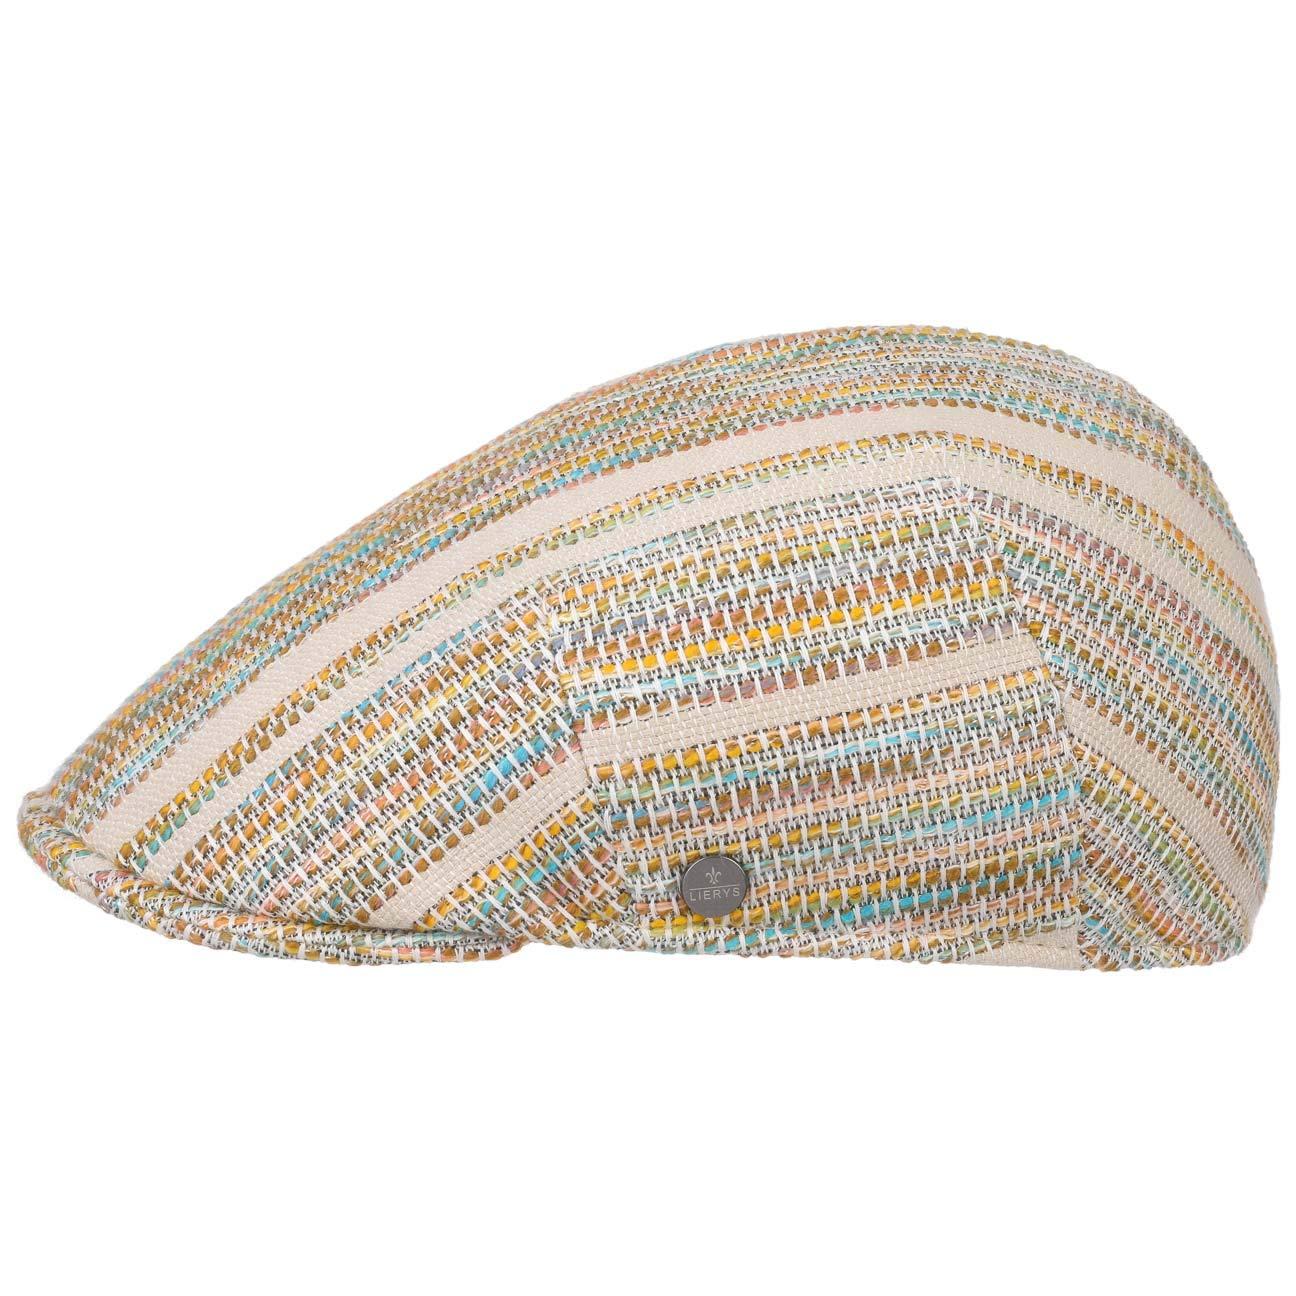 Lierys Colour Stripes Flat Cap Women/Men Mixed Colours 6 7/8